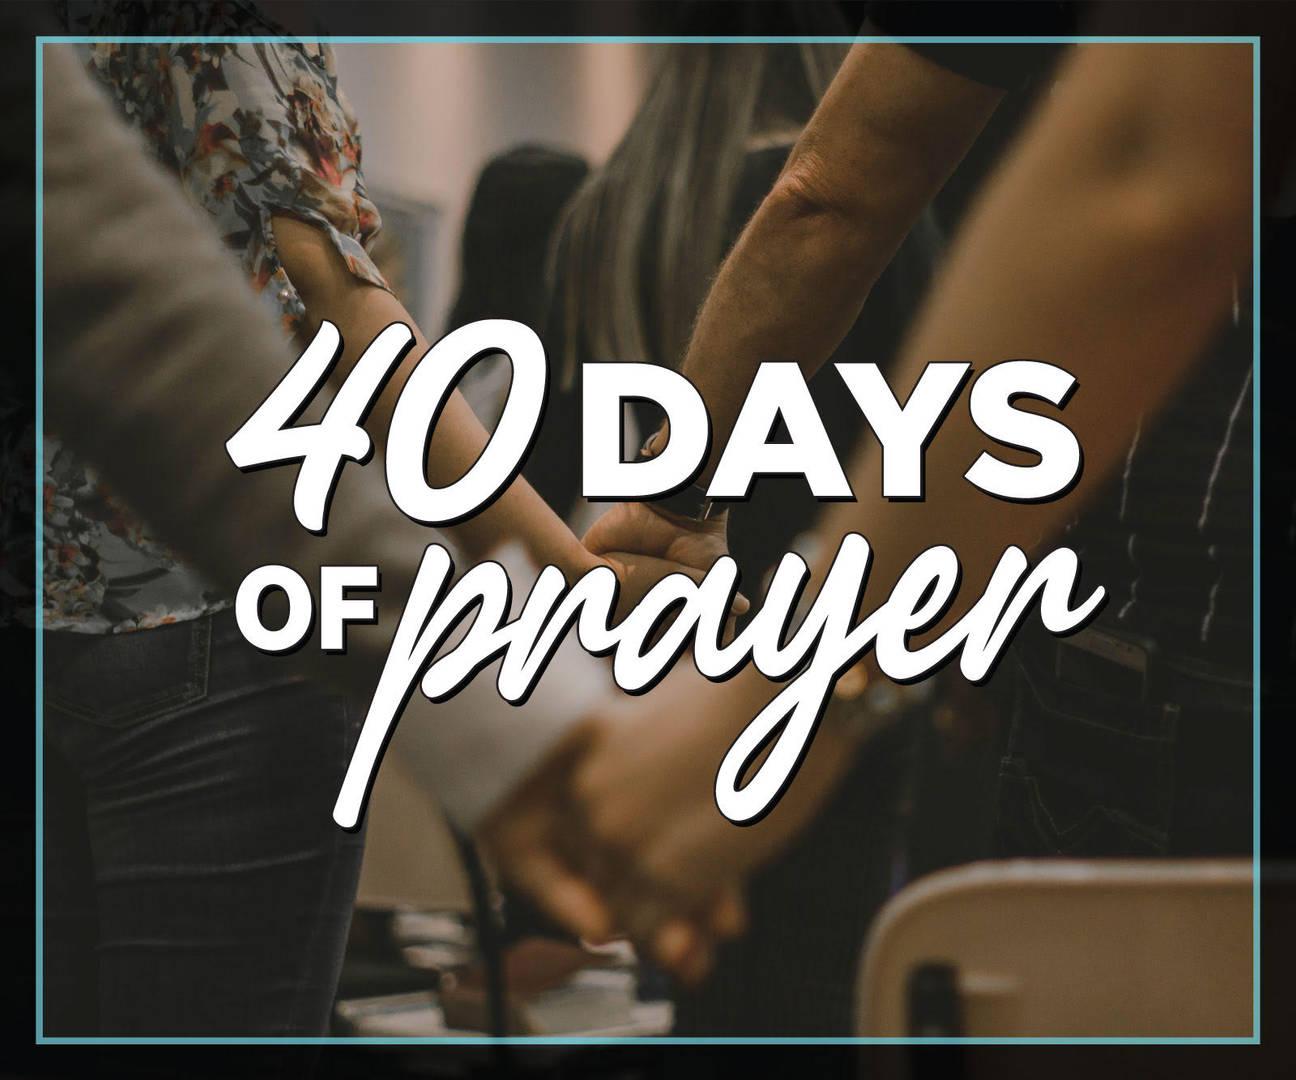 40 days or prayer banner.jpg